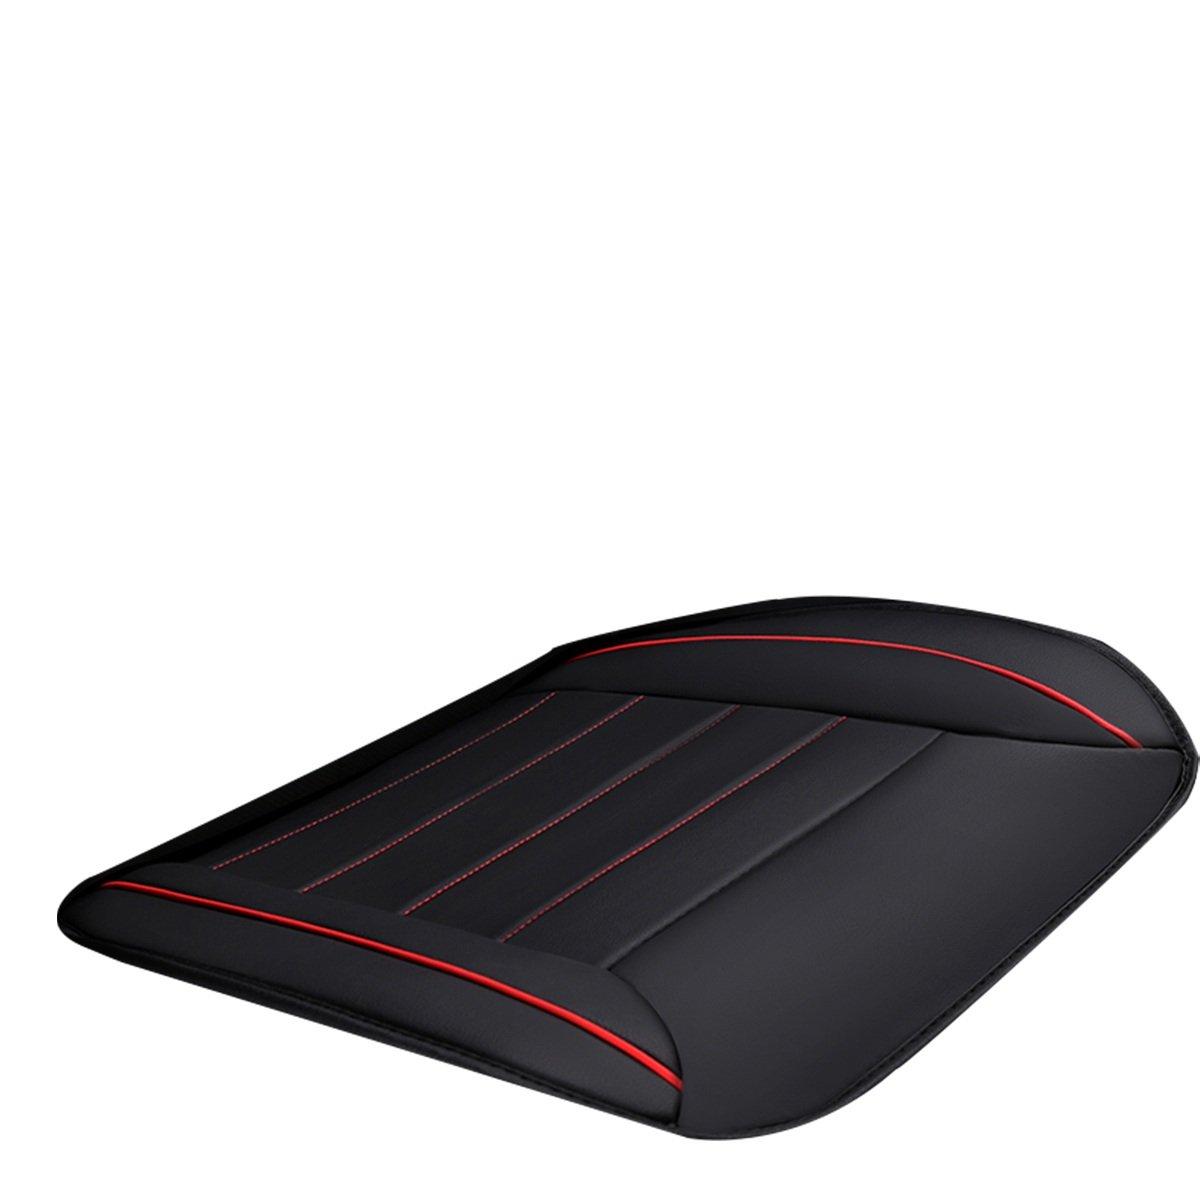 Diametro 40 cm Marrone Rotazione a 360 /° Rotante Cuscino del Sedile Girevole Forepin Cuscino del Seggiolino Auto Design Flessibile per Uso Domestico Sedia da Ufficio